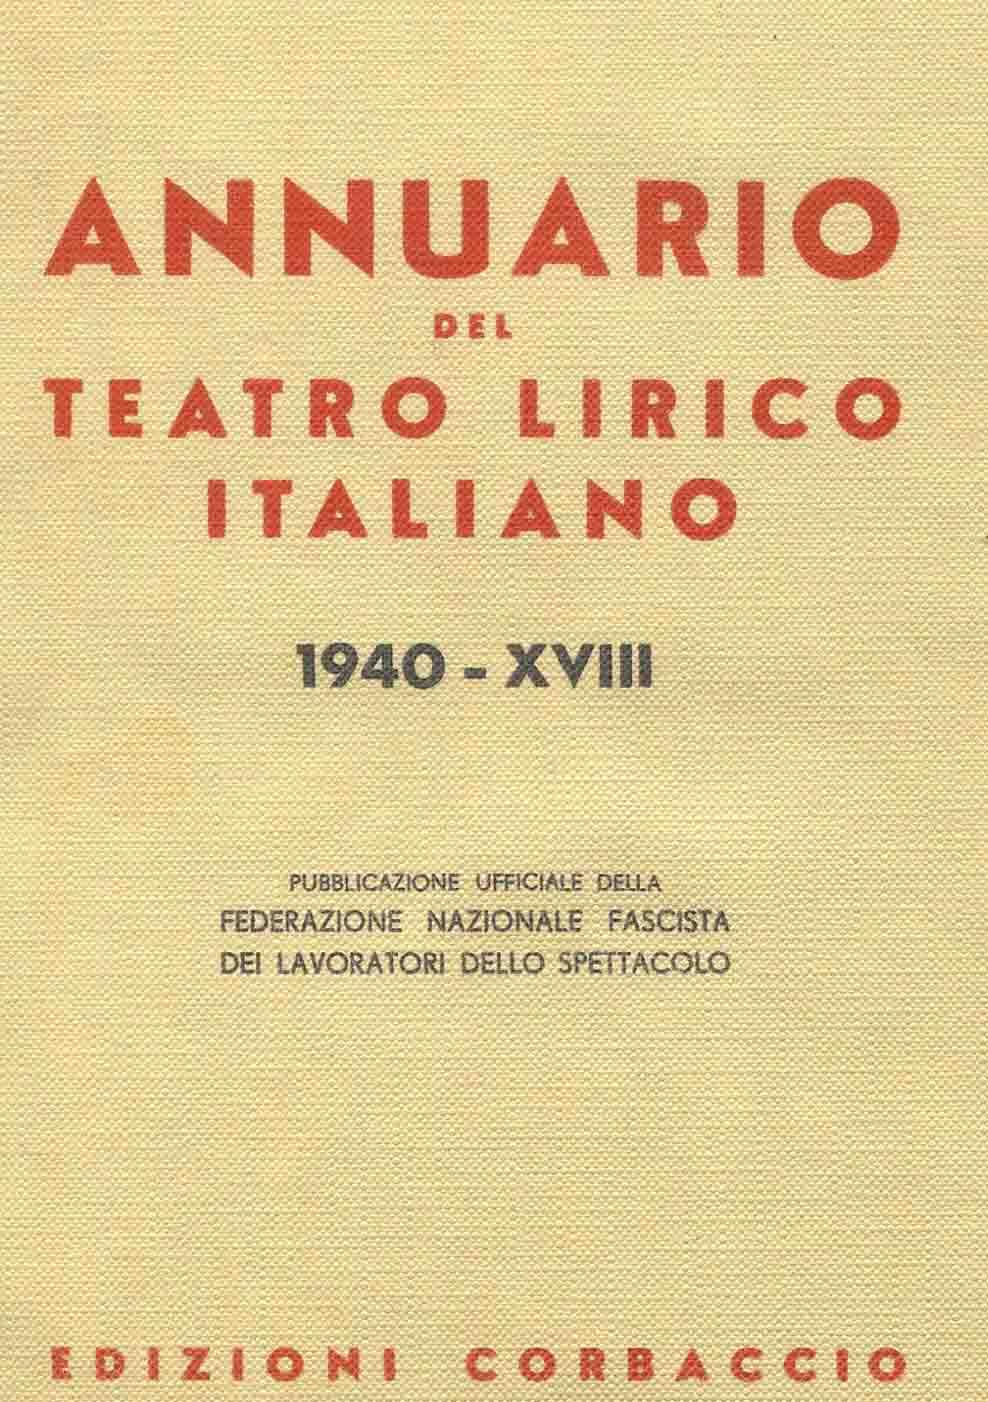 Annuario del Teatro lirico italiano : 1940 : pubblicazione ufficiale della Federazione nazionale fascista dei lavoratori dello spettacolo